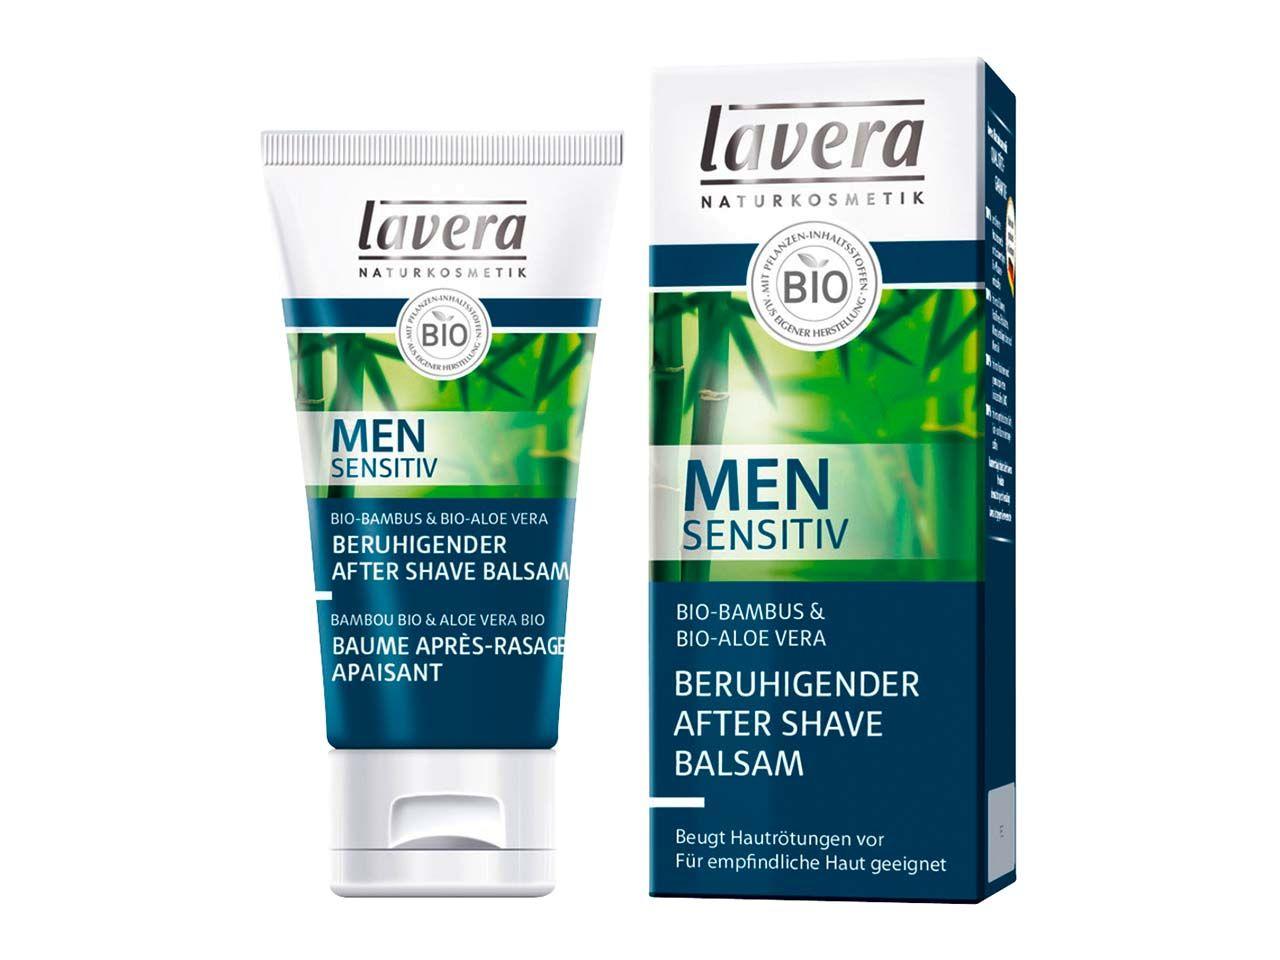 lavera Men sensitiv Beruhigender Aftershave-Balsam 50 ml 104116